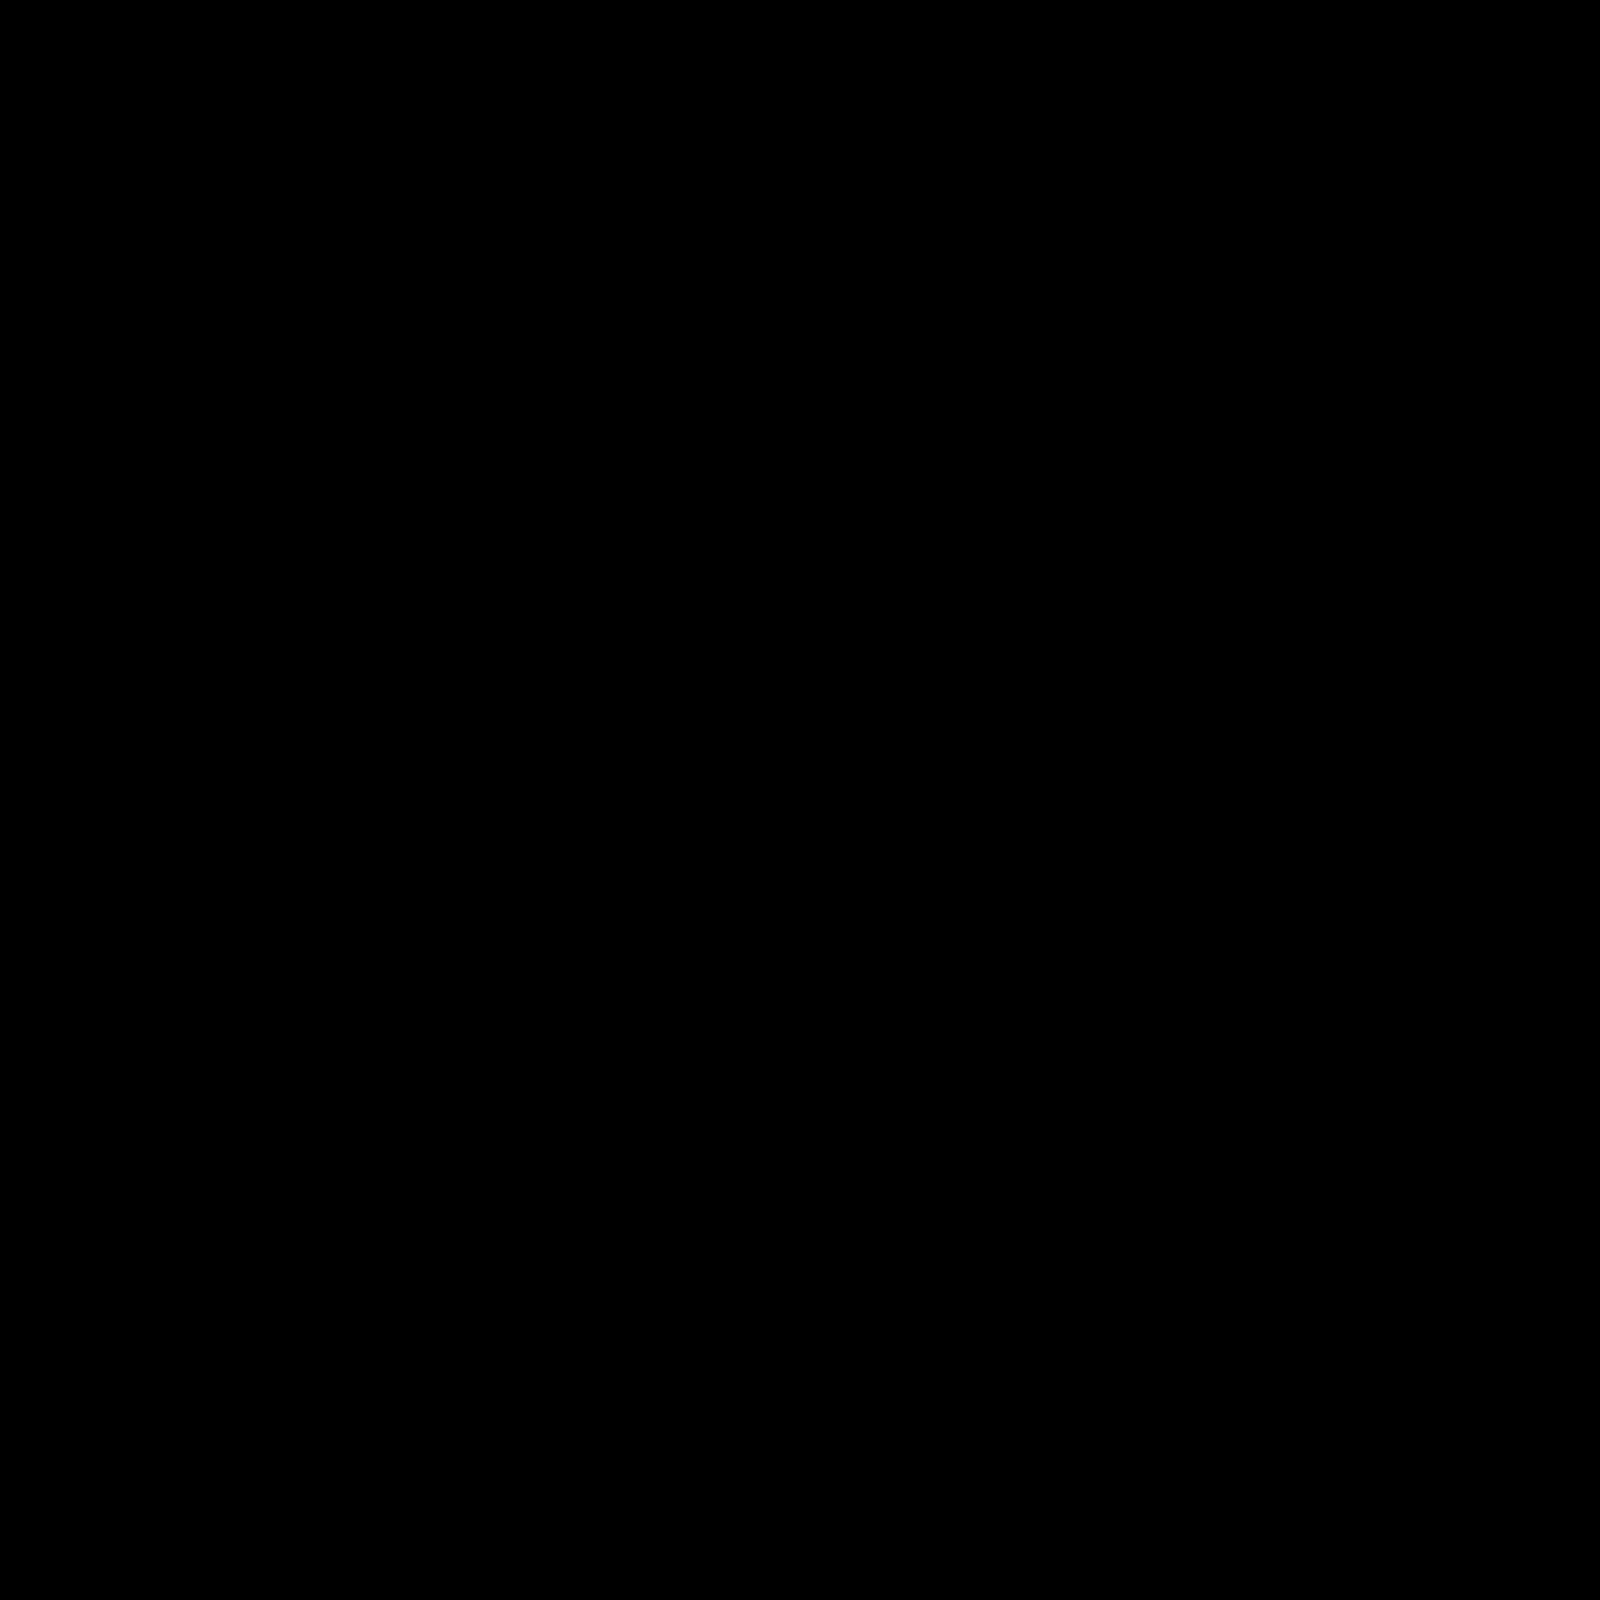 Effort Filled icon